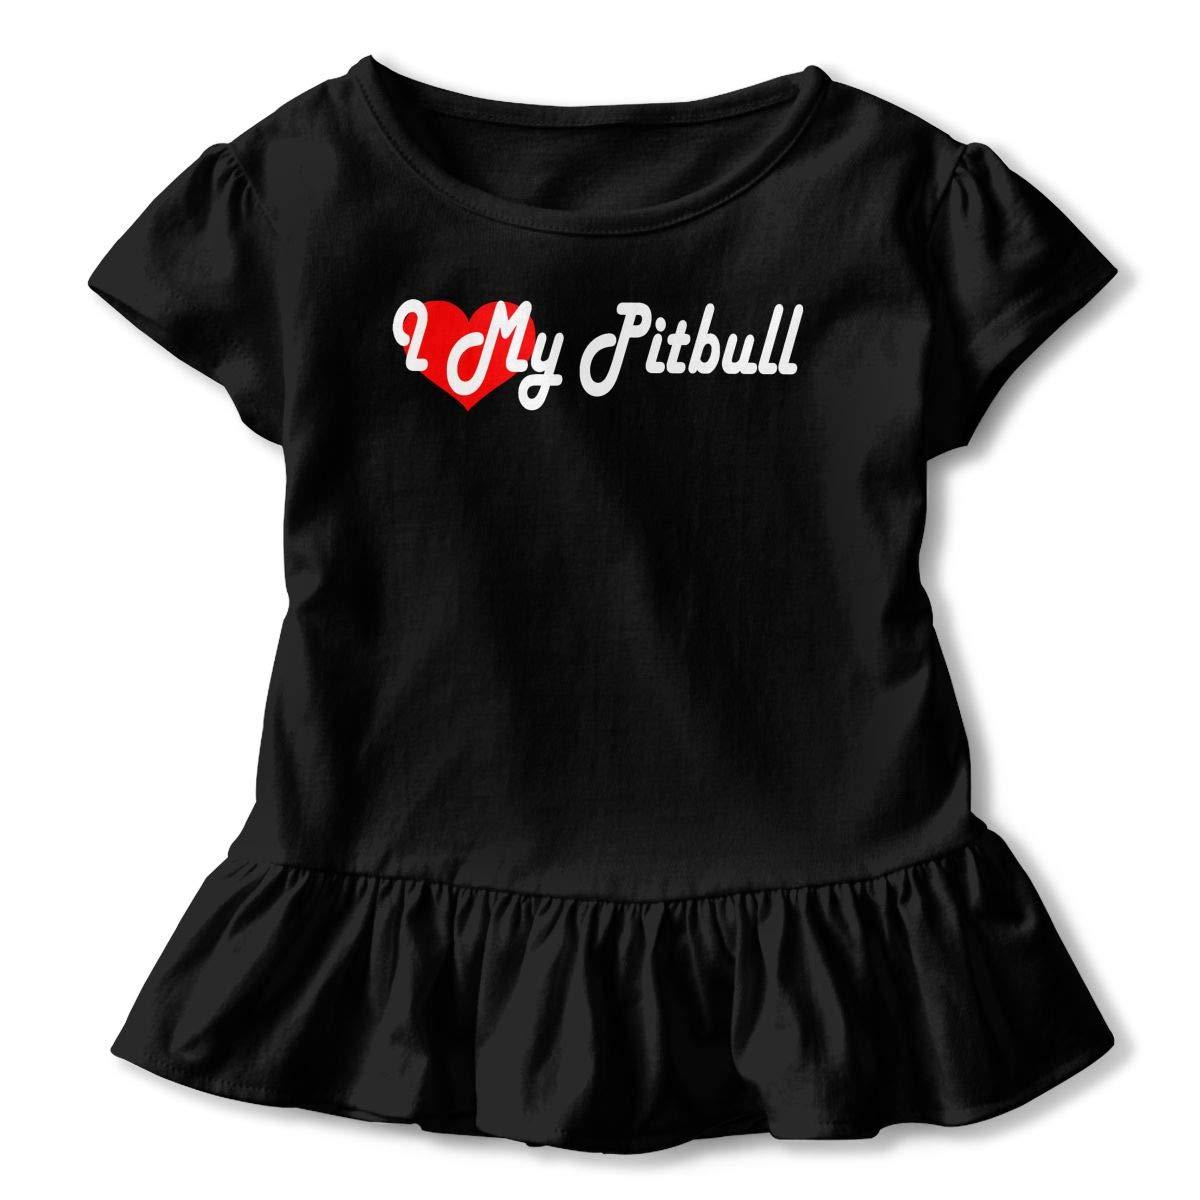 I Love My Pitbull Baby Girls Short Sleeve Ruffle Tee Cotton Kids T Shirts 2-6 Years